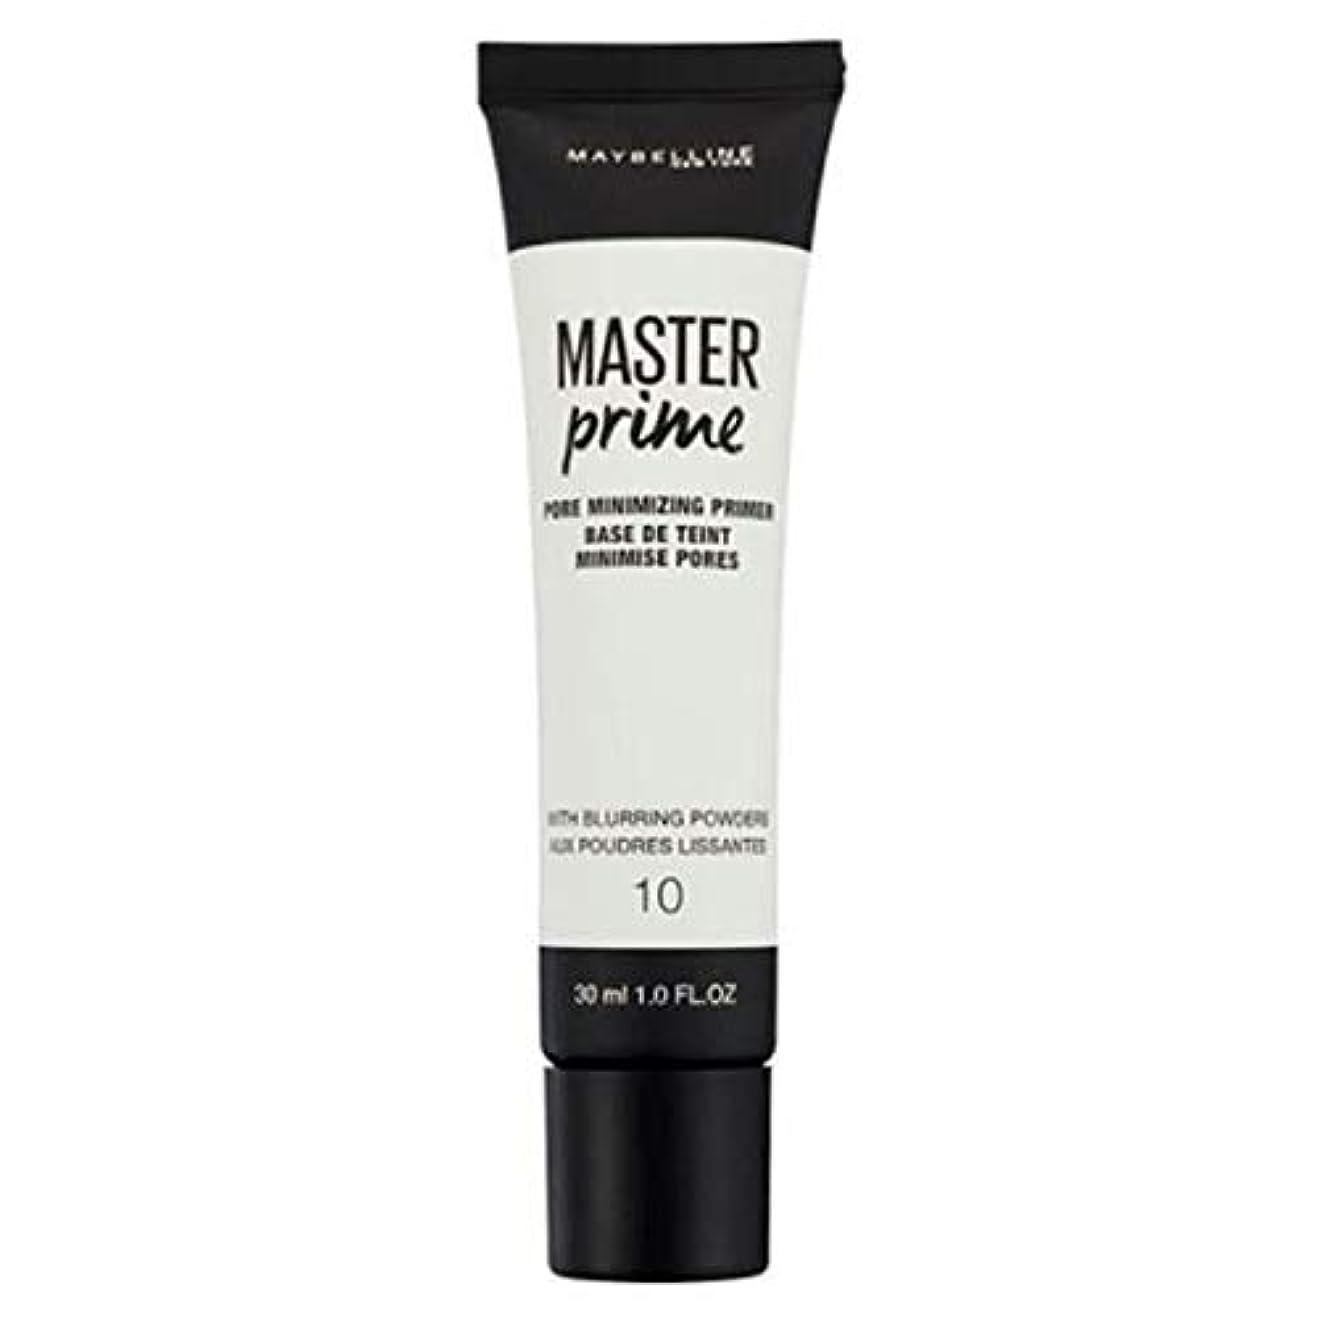 保険ハミングバード定規[Maybelline ] メイベリンマスタープライム細孔最小限にプライマーをクリア10 - Maybelline Master Prime Pore Minimizing Primer Clear 10 [並行輸入品]